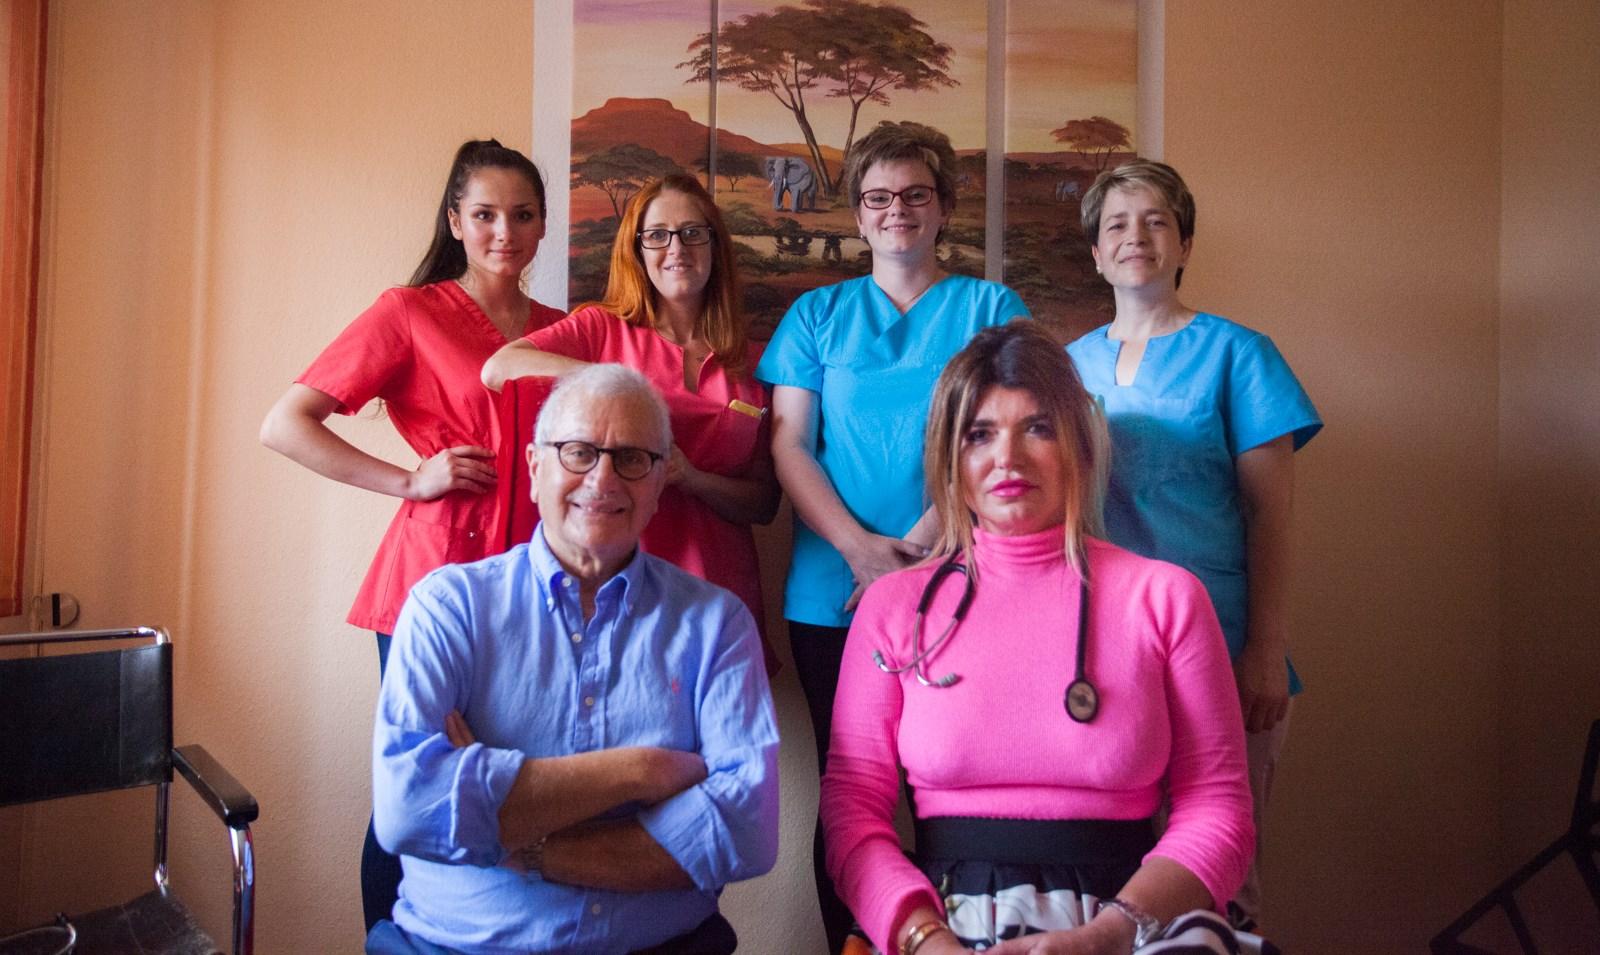 (Von links nach rechts) Melisa Jusic, Laura Geraldi, Sabrina Ringleb, Bahra Brcvak, Herr Dr Brimo Hayek und Frau Dr Jelkic-Brimo Hayek